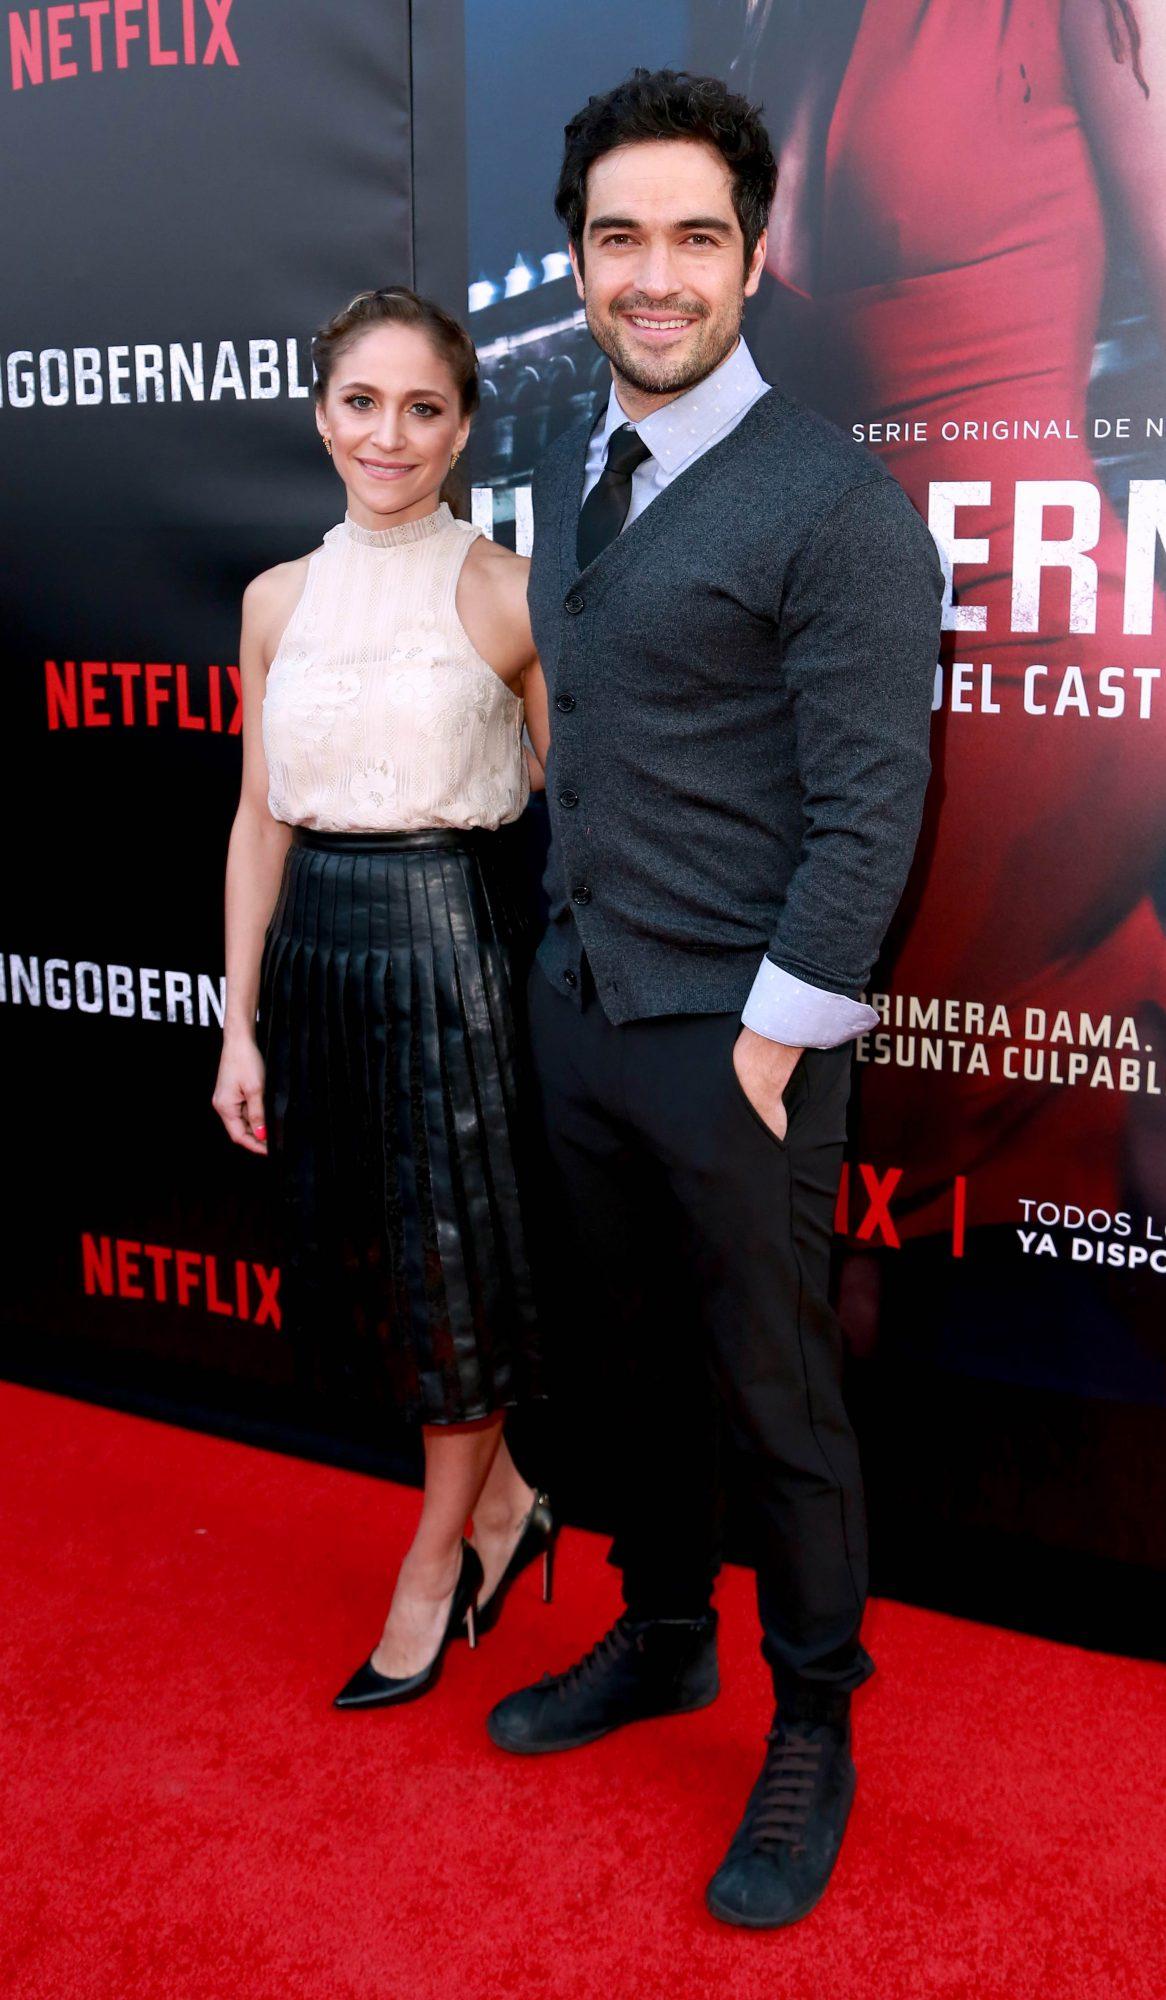 Alfonso Herrera y con su esposa